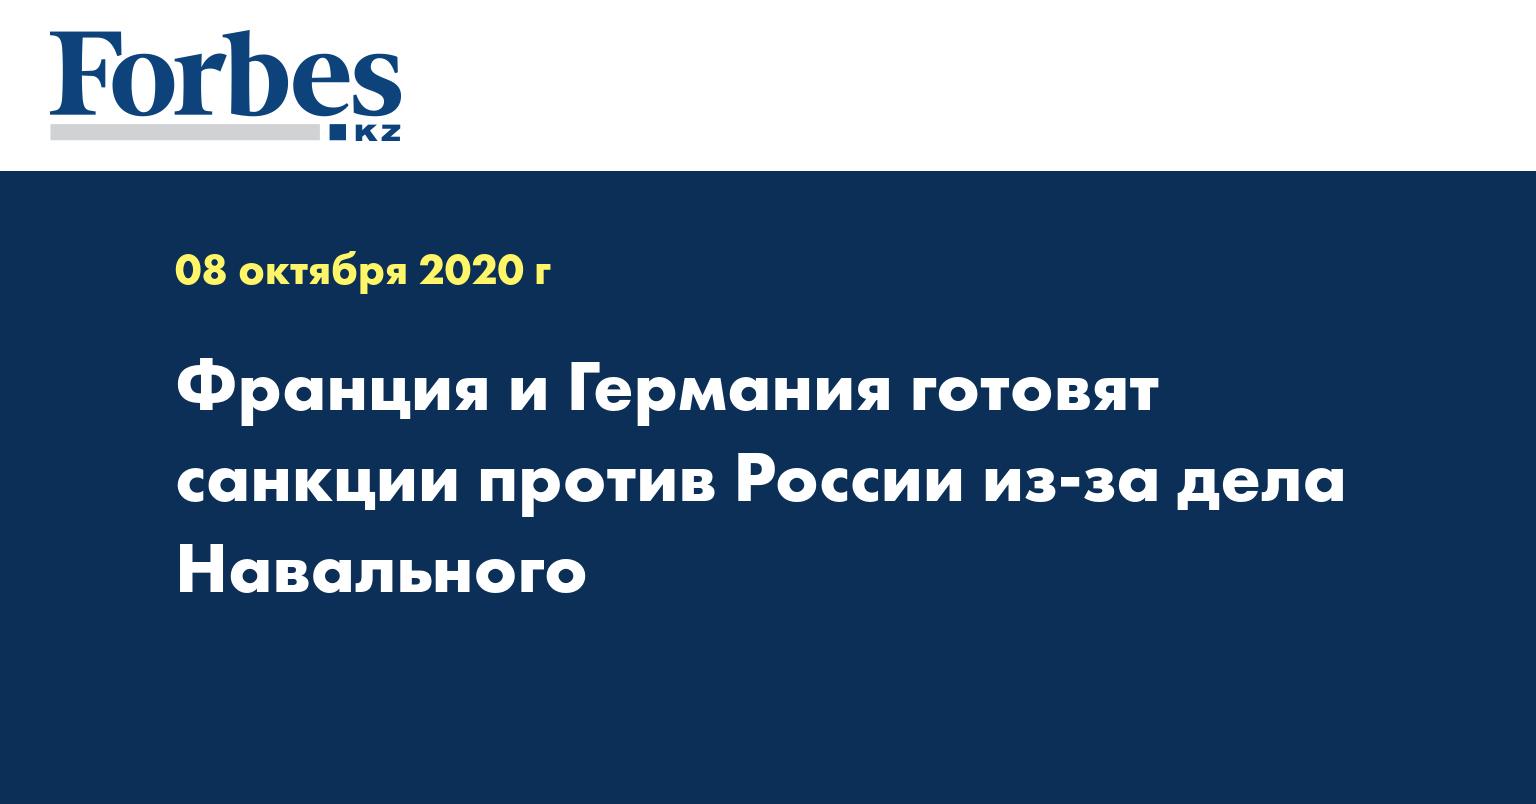 Франция и Германия готовят санкции против России из-за дела Навального